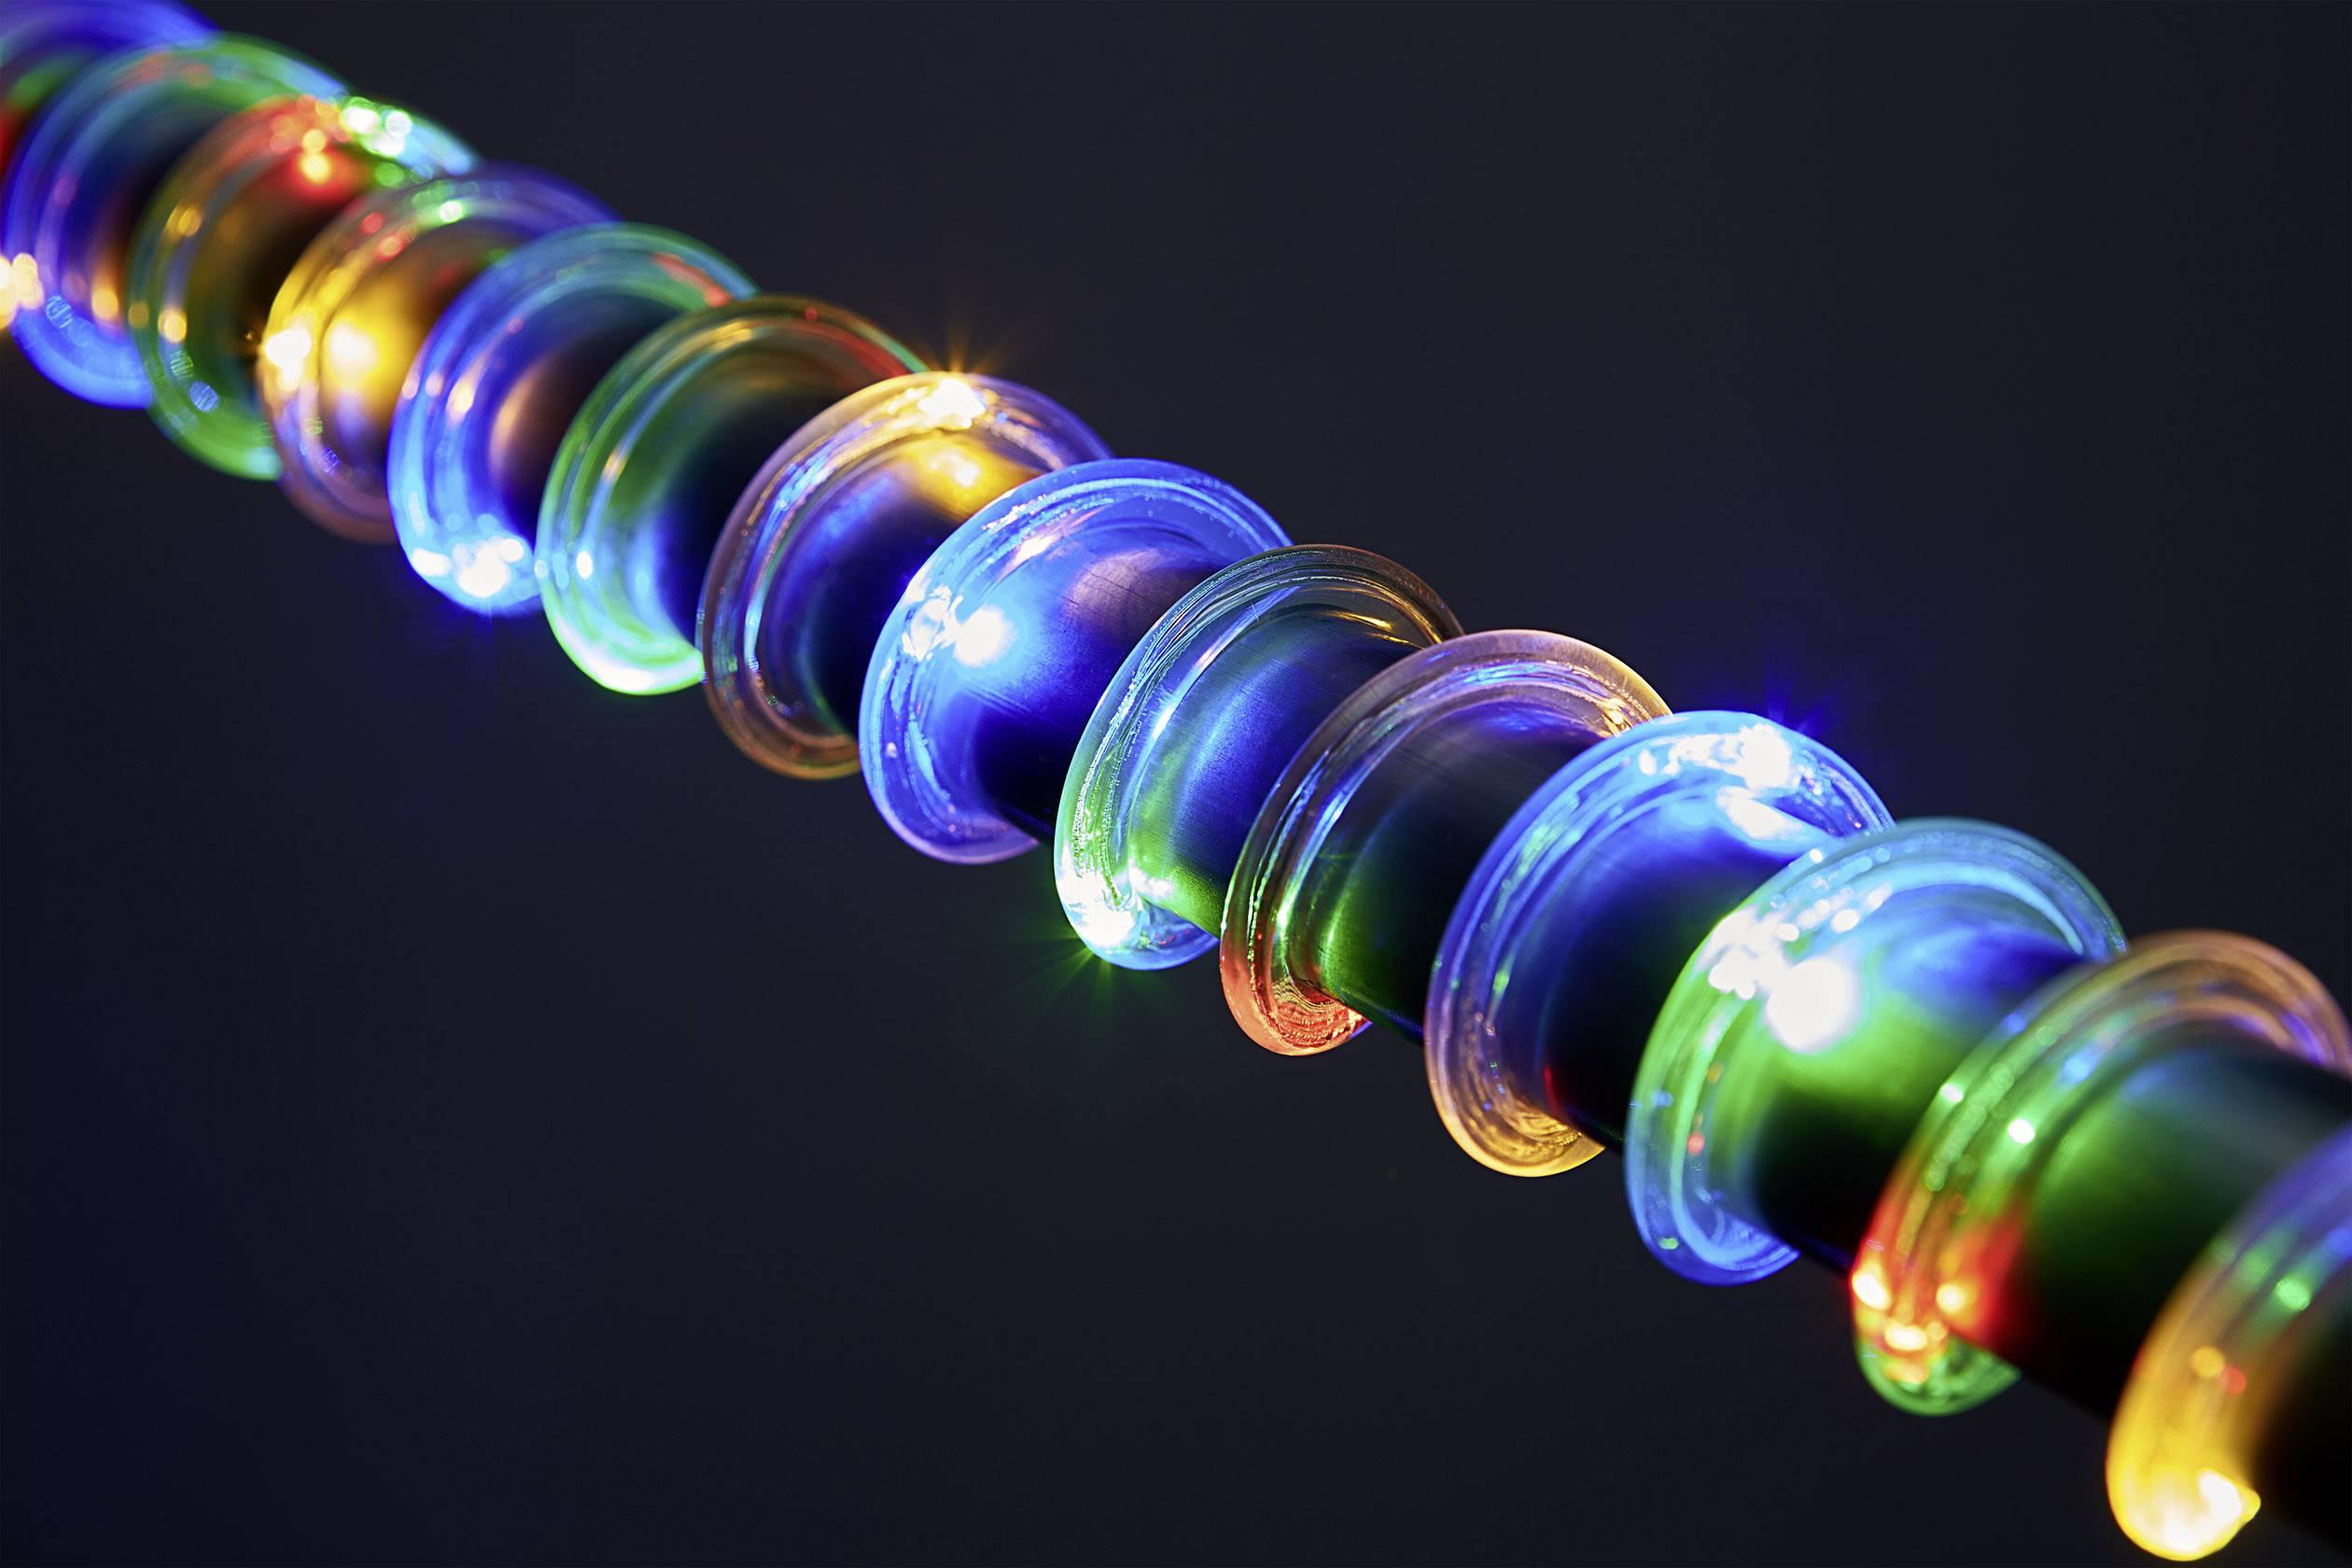 LED mikro světelný řetěz Polarlite venkovní, na baterii, LED 65, RGB, teplá bílá, 5.5 m